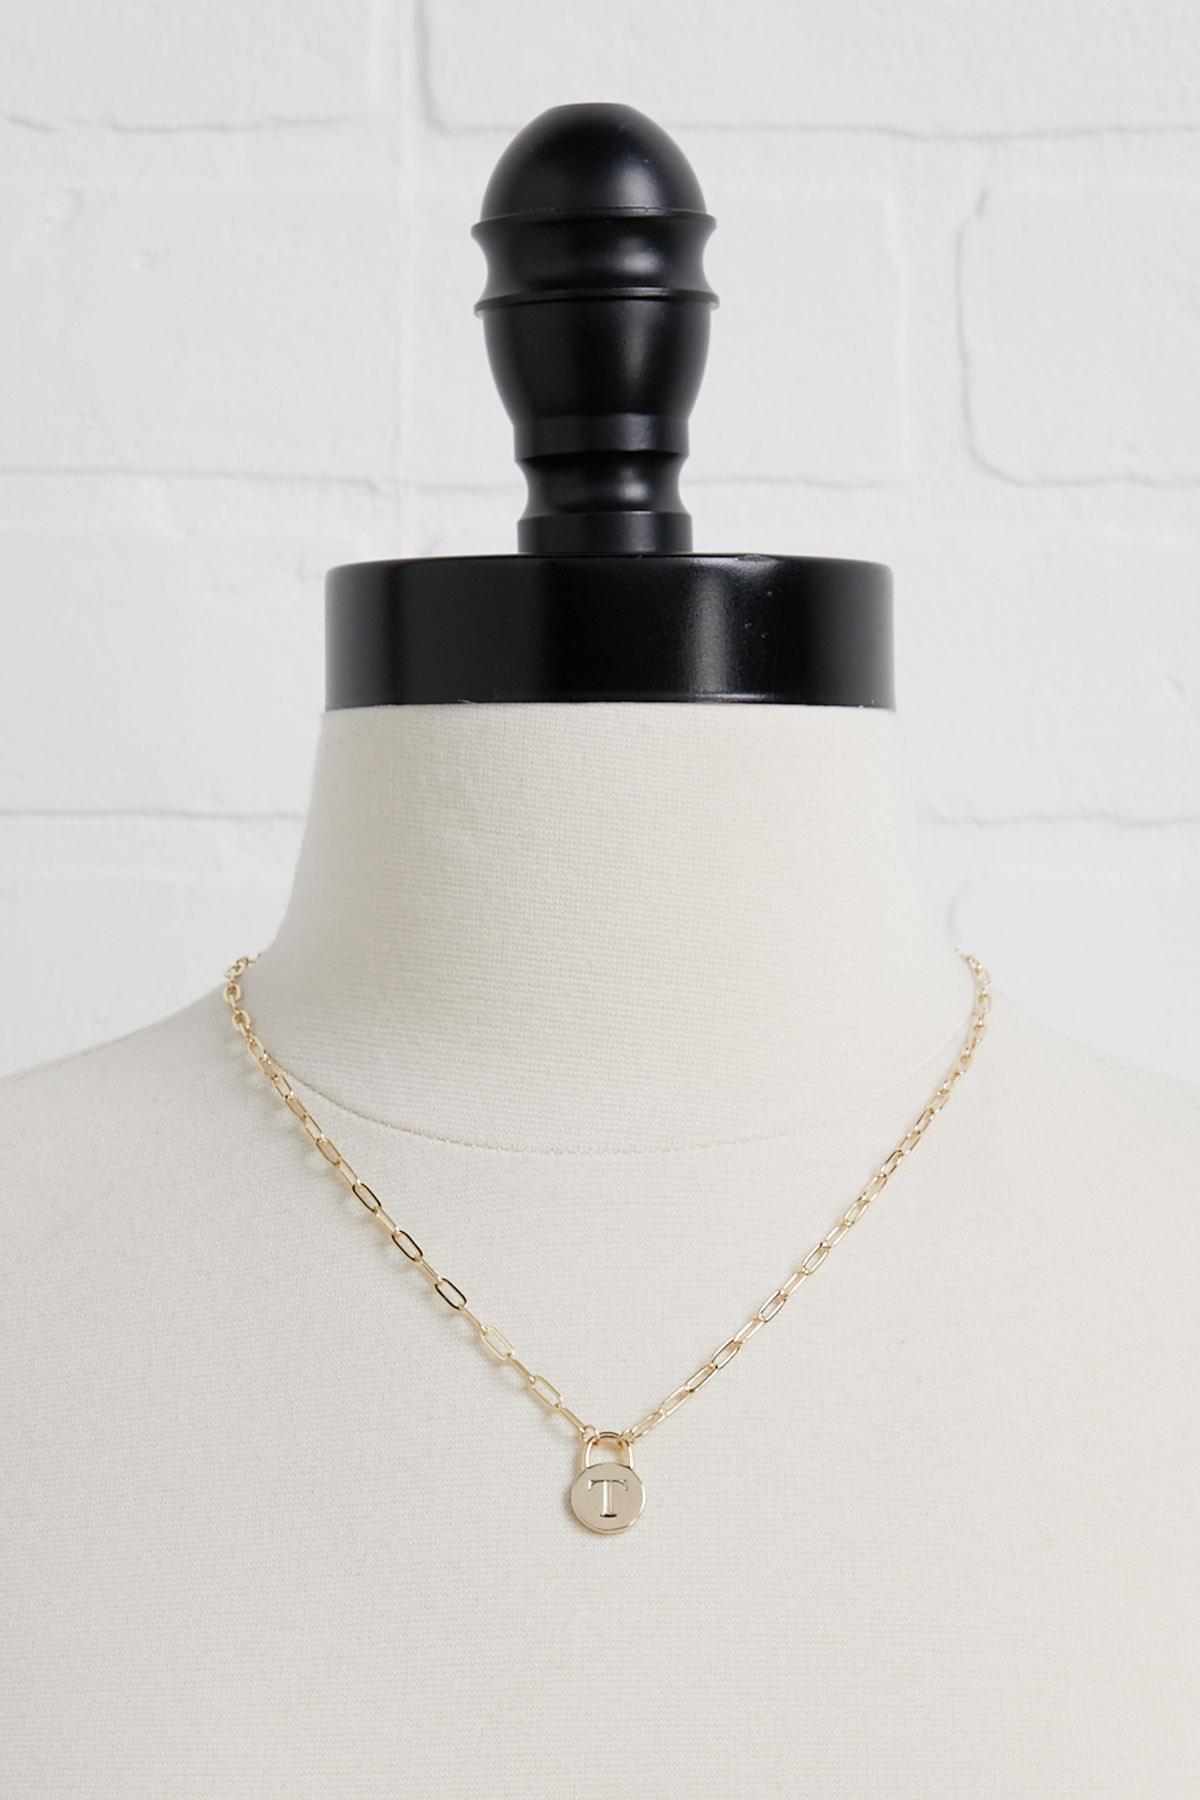 18k T Pendant Necklace